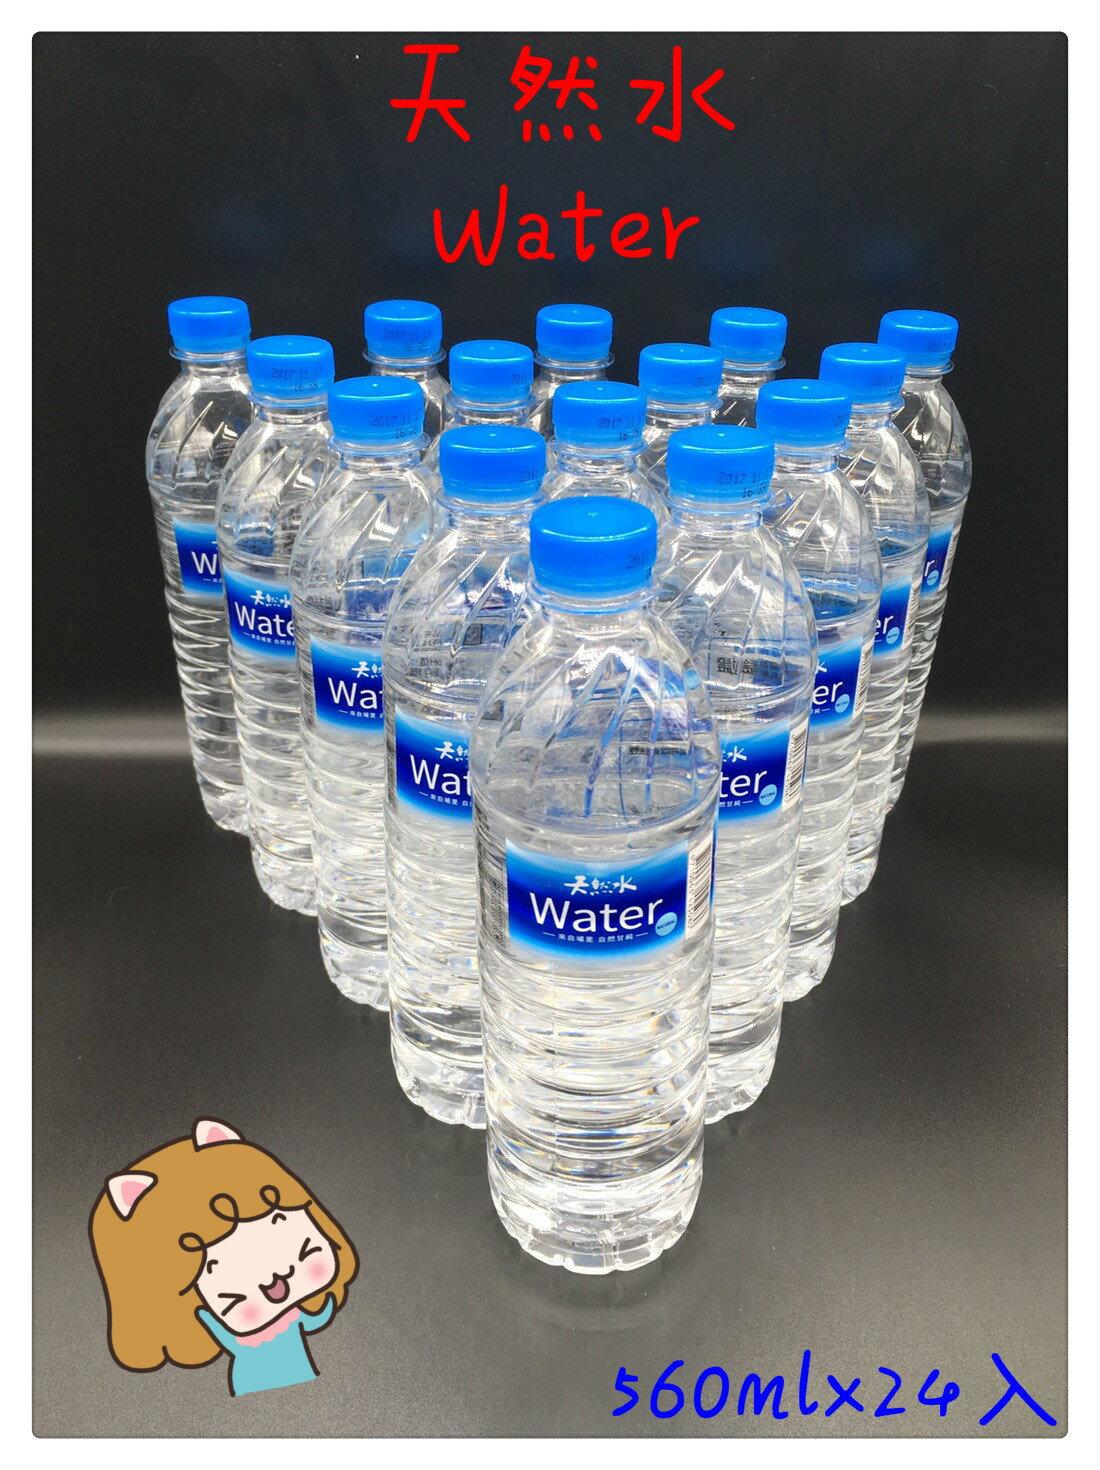 天然水 宅配免運 天然水560ml x 24入 礦泉水 竹炭水 海洋鹼性離子水 多喝水 純水 悅氏